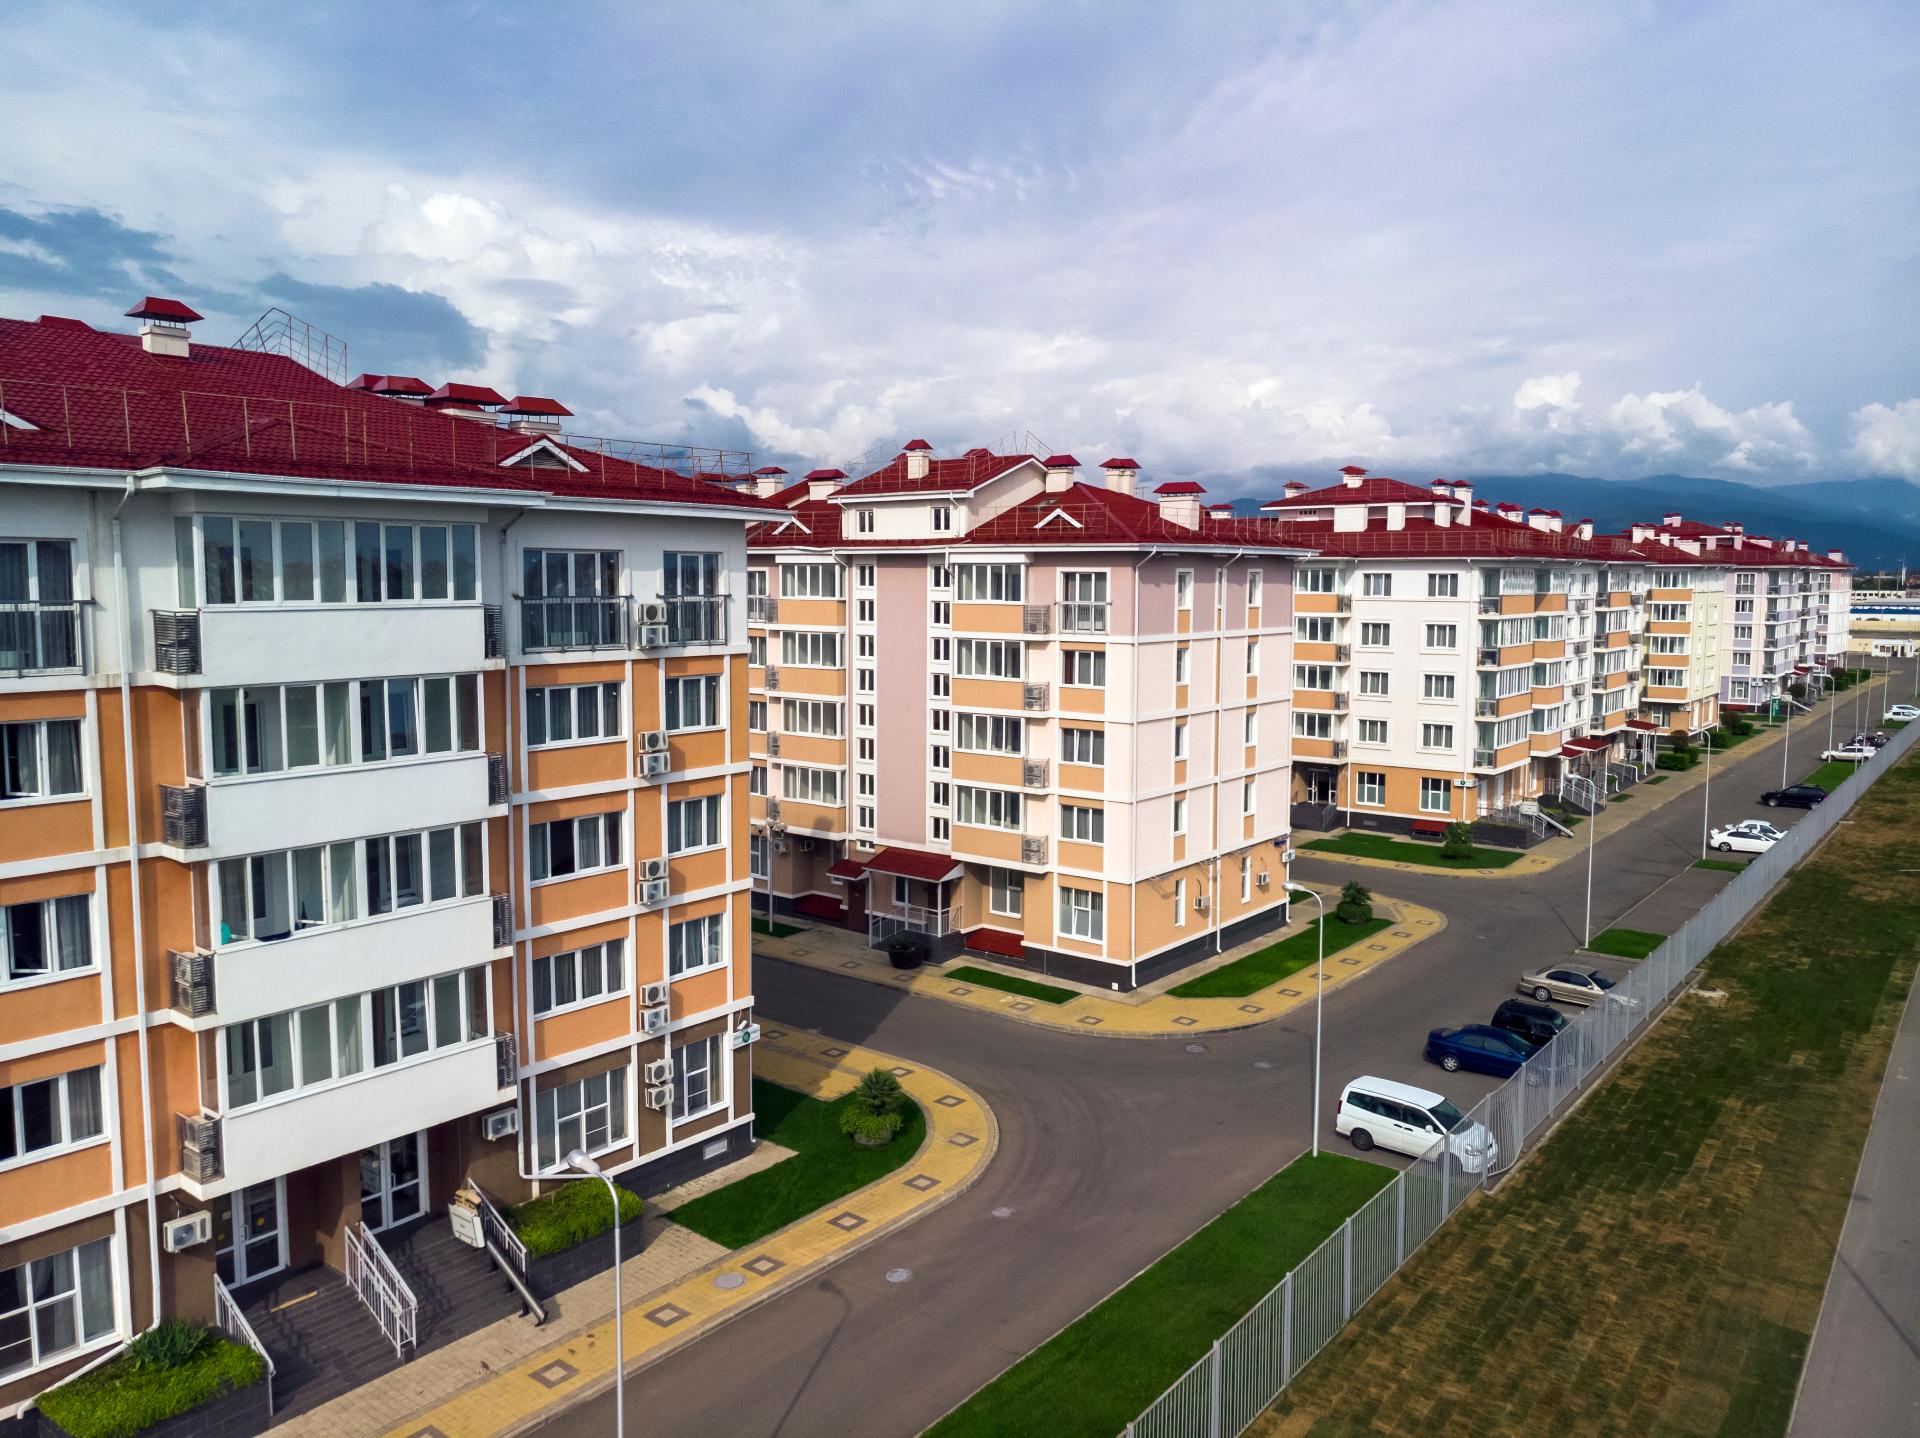 Девять из десяти покупателей жилья в Сочи— приезжие. Жилье покупают для переезда на пенсию или для сдачи в аренду